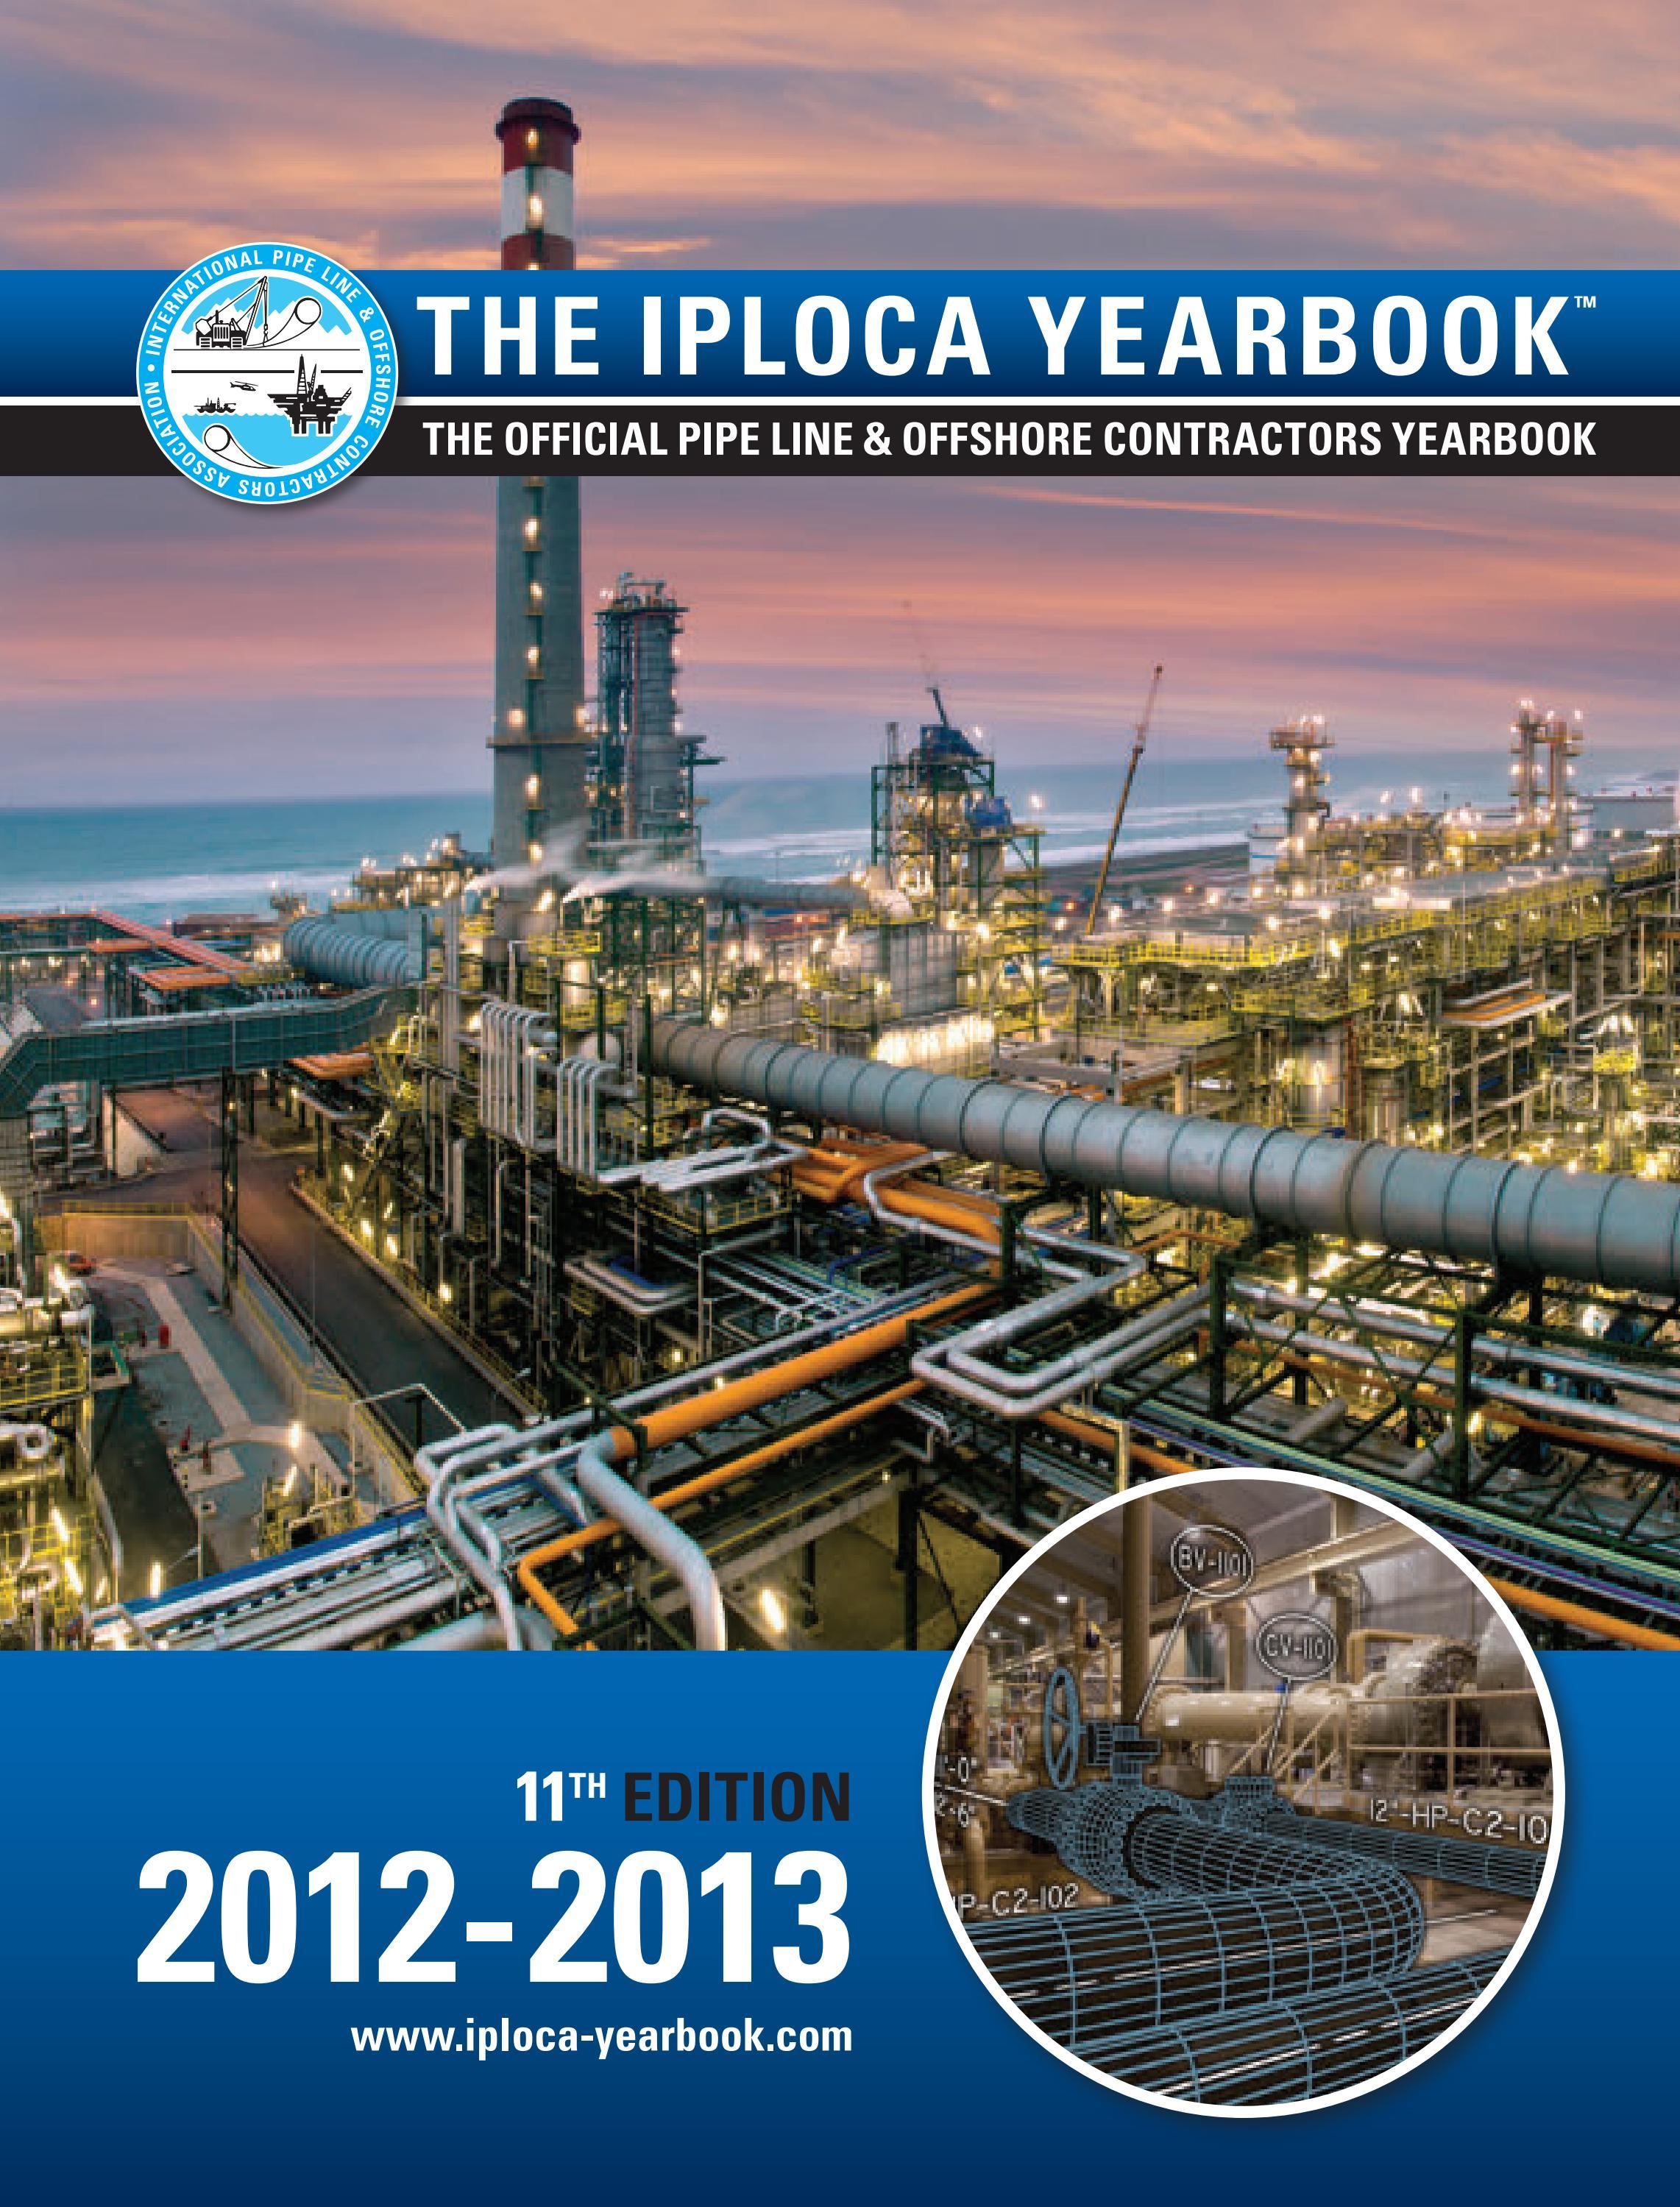 IPLOCA Yearbook 2012 2013 By Pedemex BV Issuu